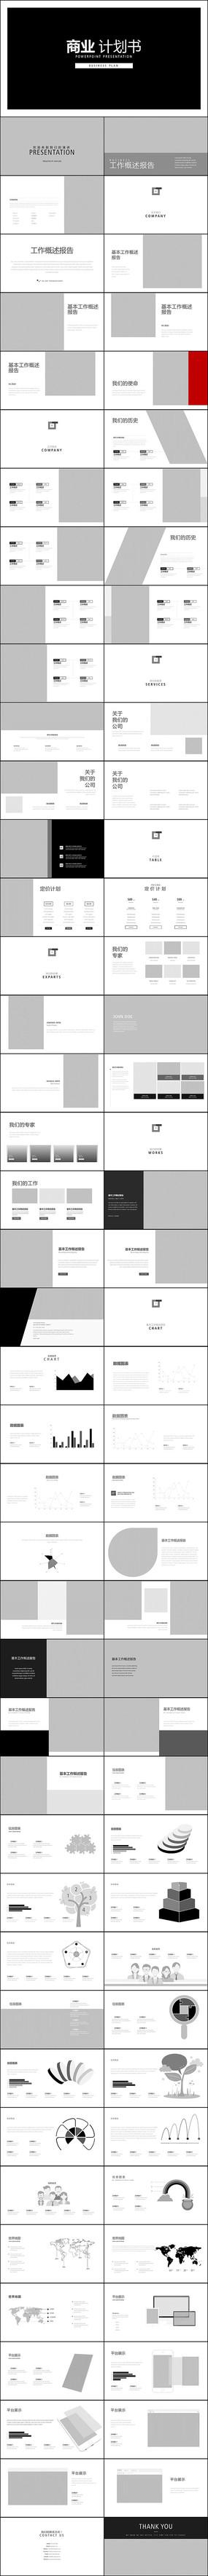 欧美黑色内容详细商业计划书ppt模板